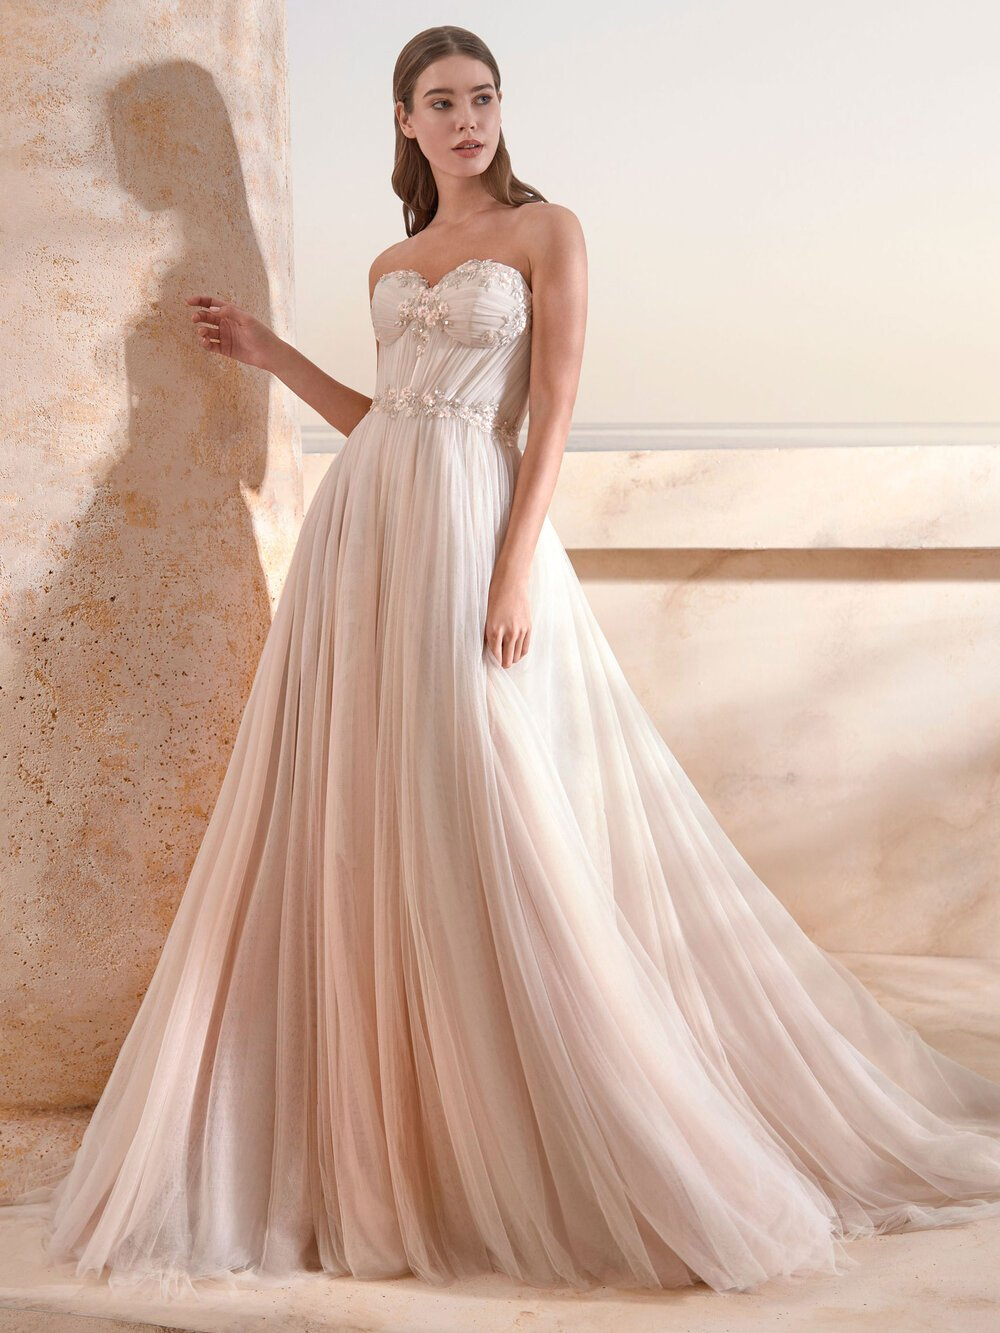 Brautkleid elegant in einem Raum mit Marmorwänden